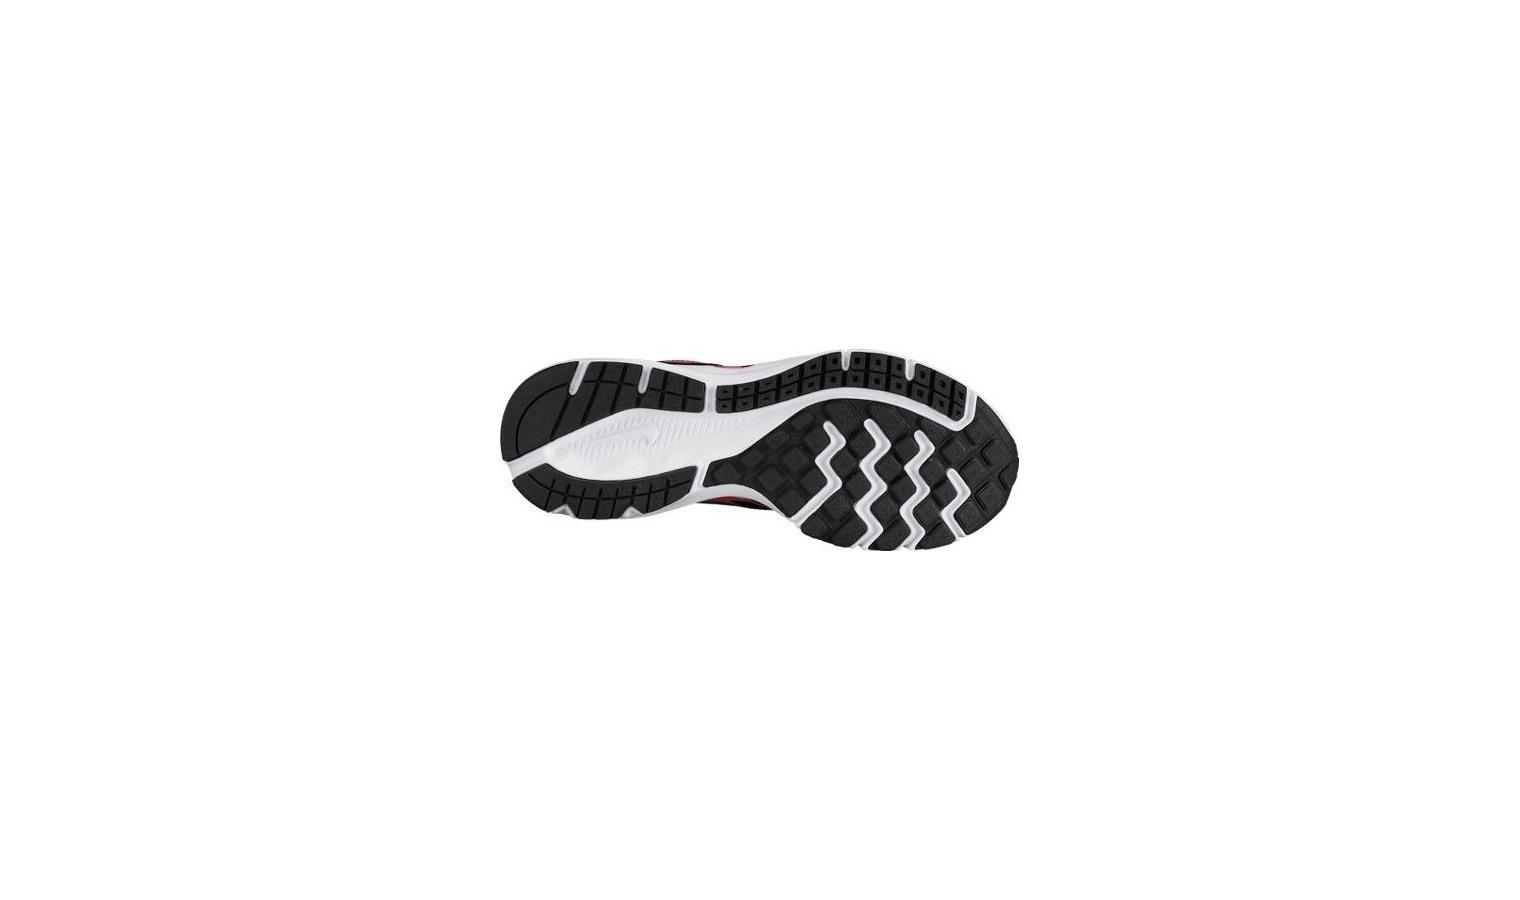 Dětské běžecké boty Nike DOWNSHIFTER 6 (GS PS) černé  8c1ac9e8cd